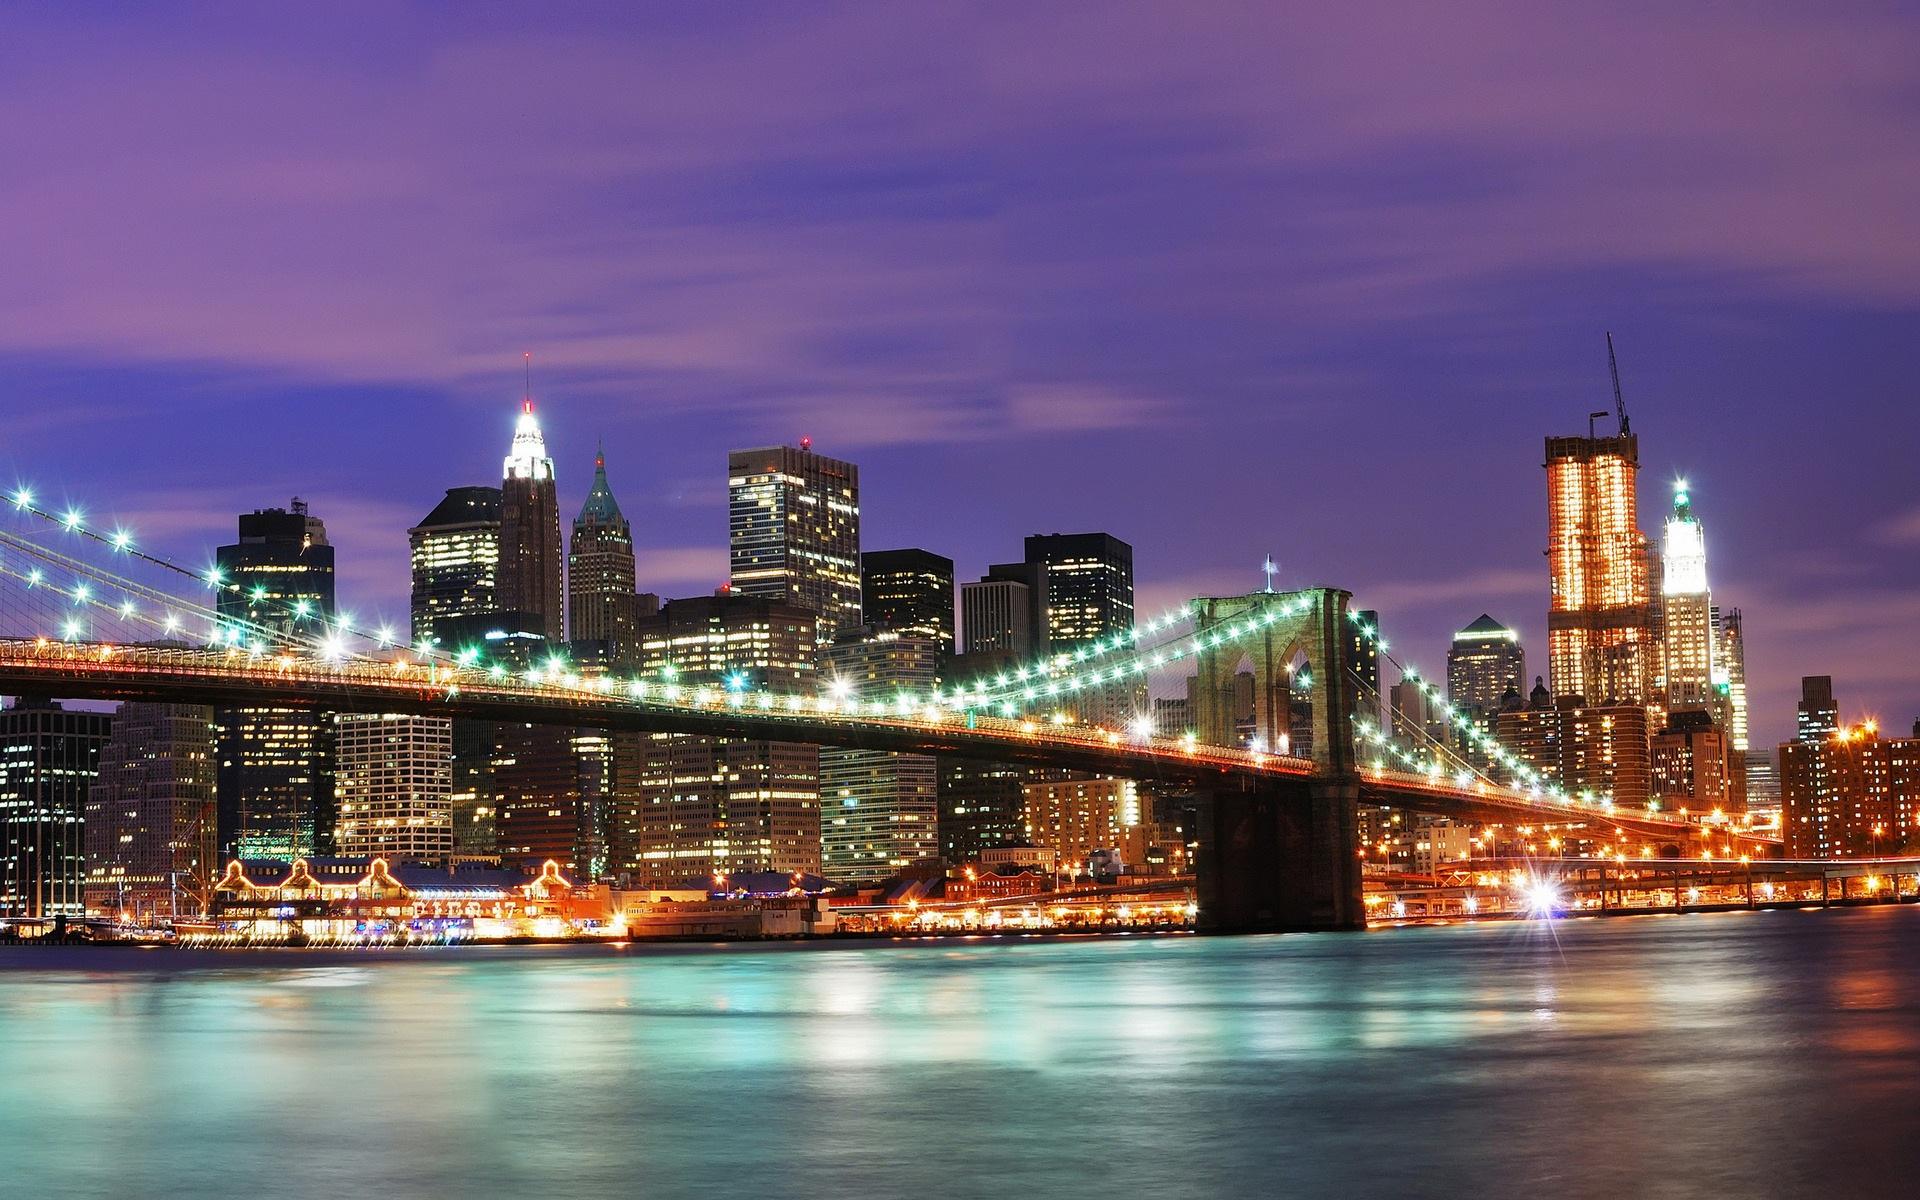 Fonds Décran Etats Unis à New York La Nuit 1920x1200 Hd Image